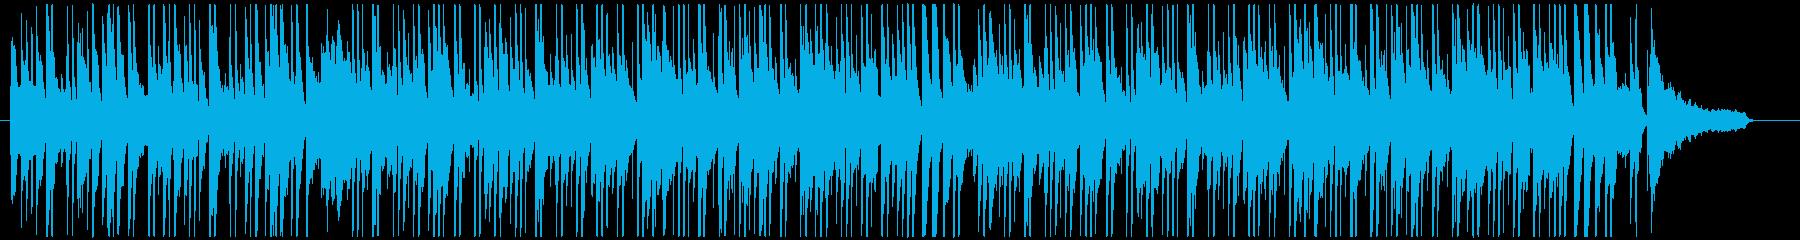 オシャレなラウンジ風のボサノバ(長め)の再生済みの波形